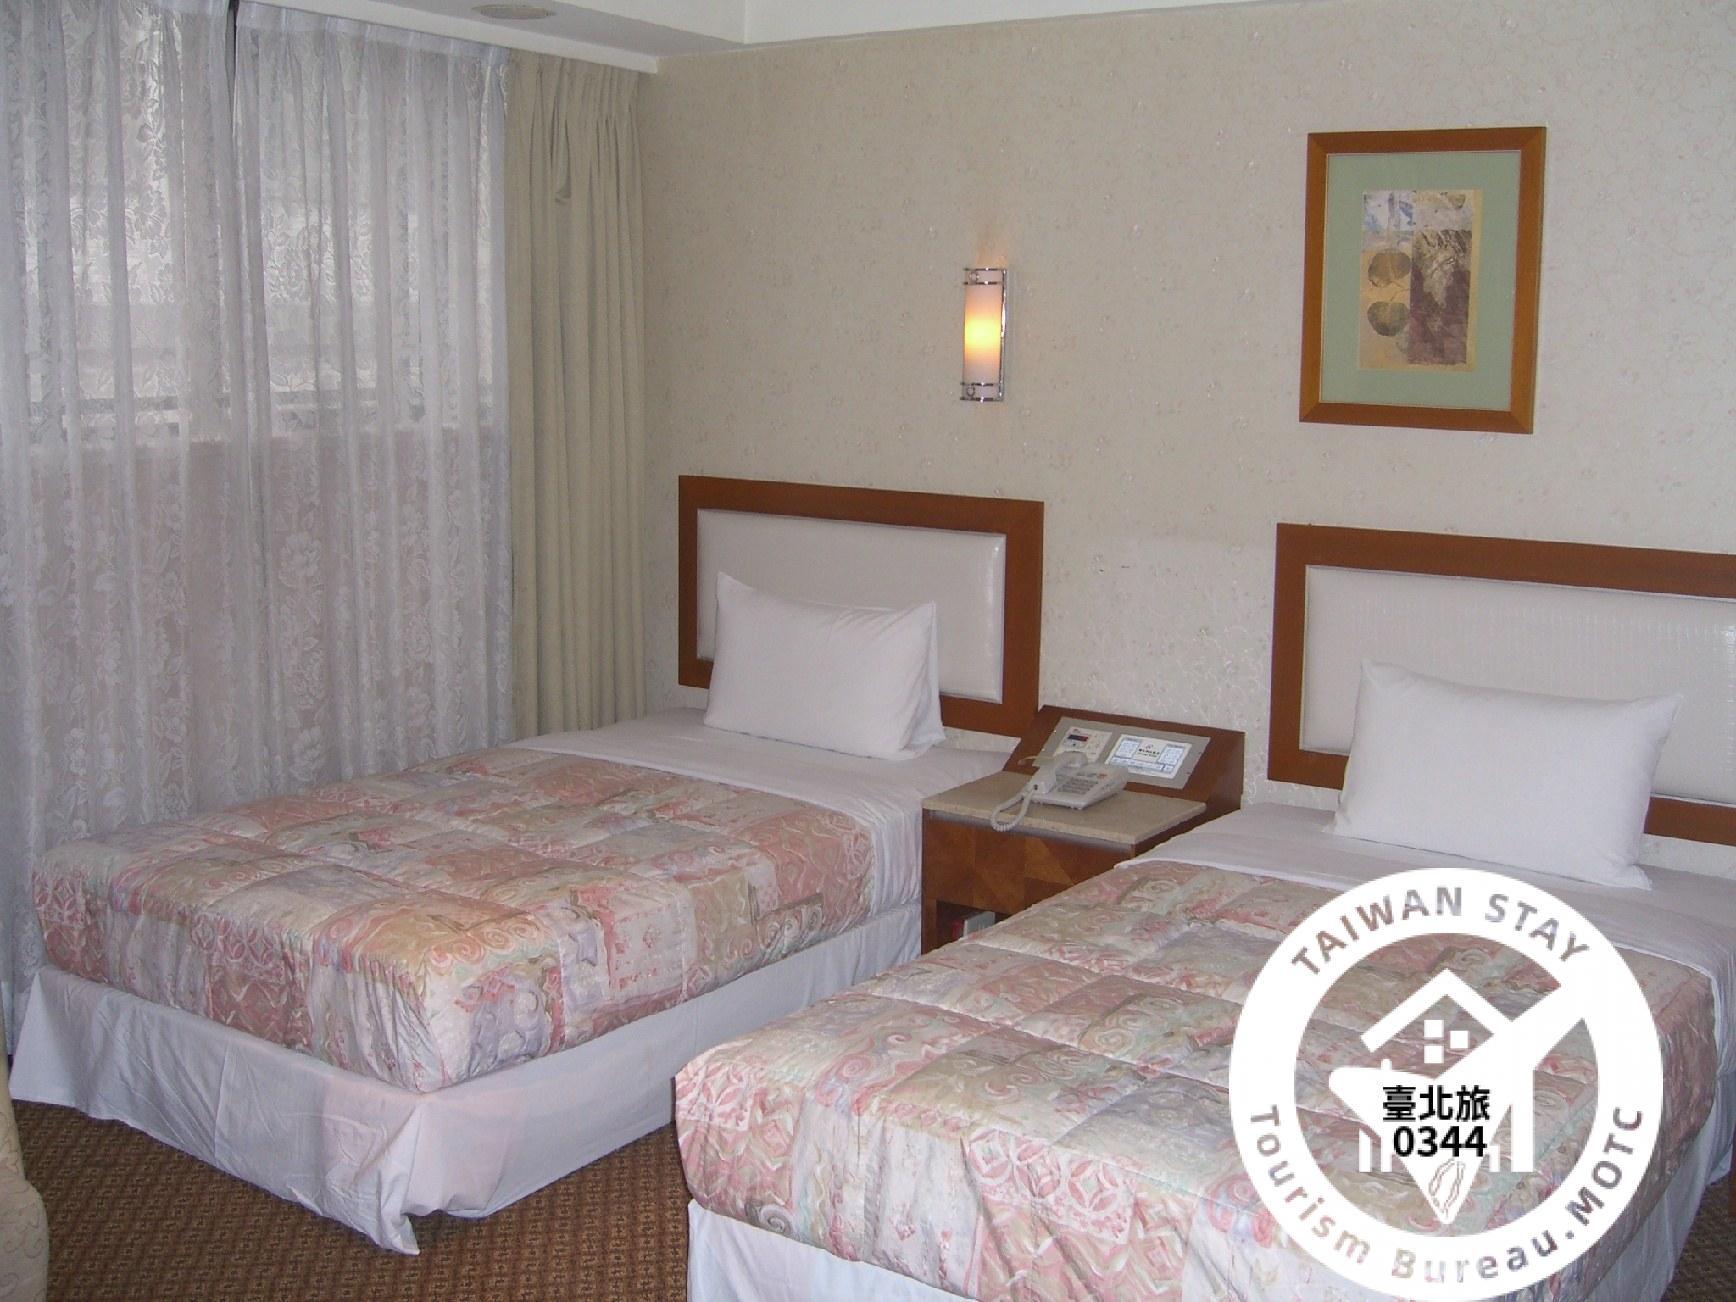 雙人床客房照片_1